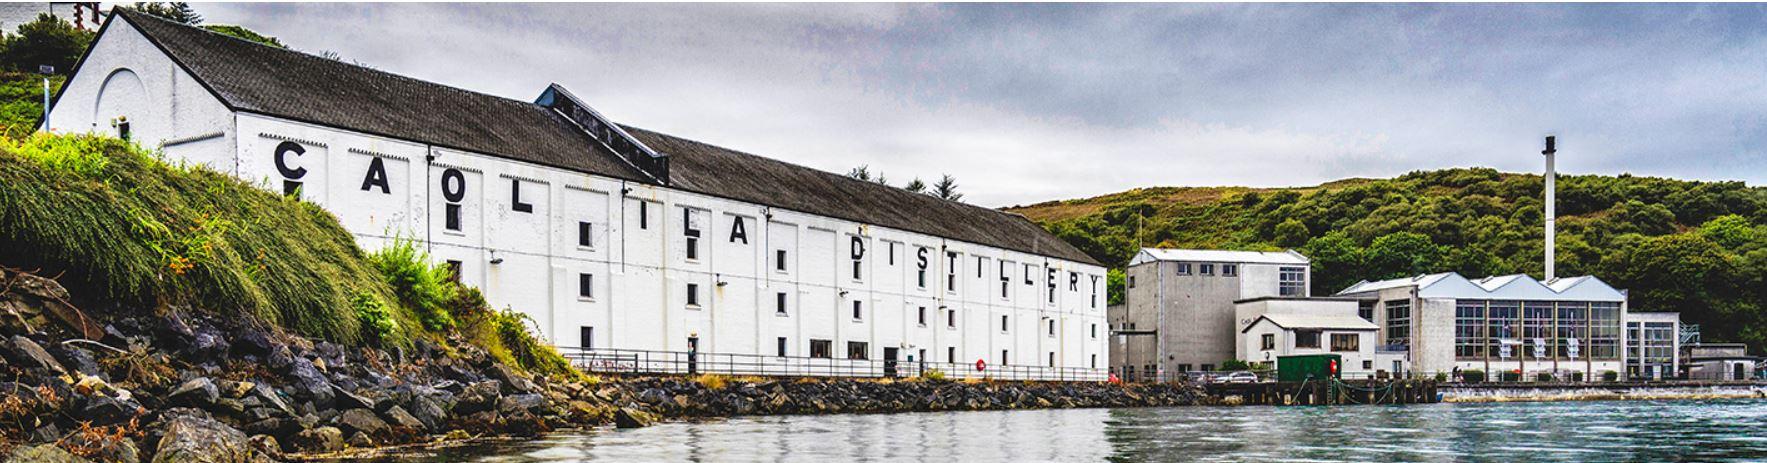 Distillerie Caol Ila